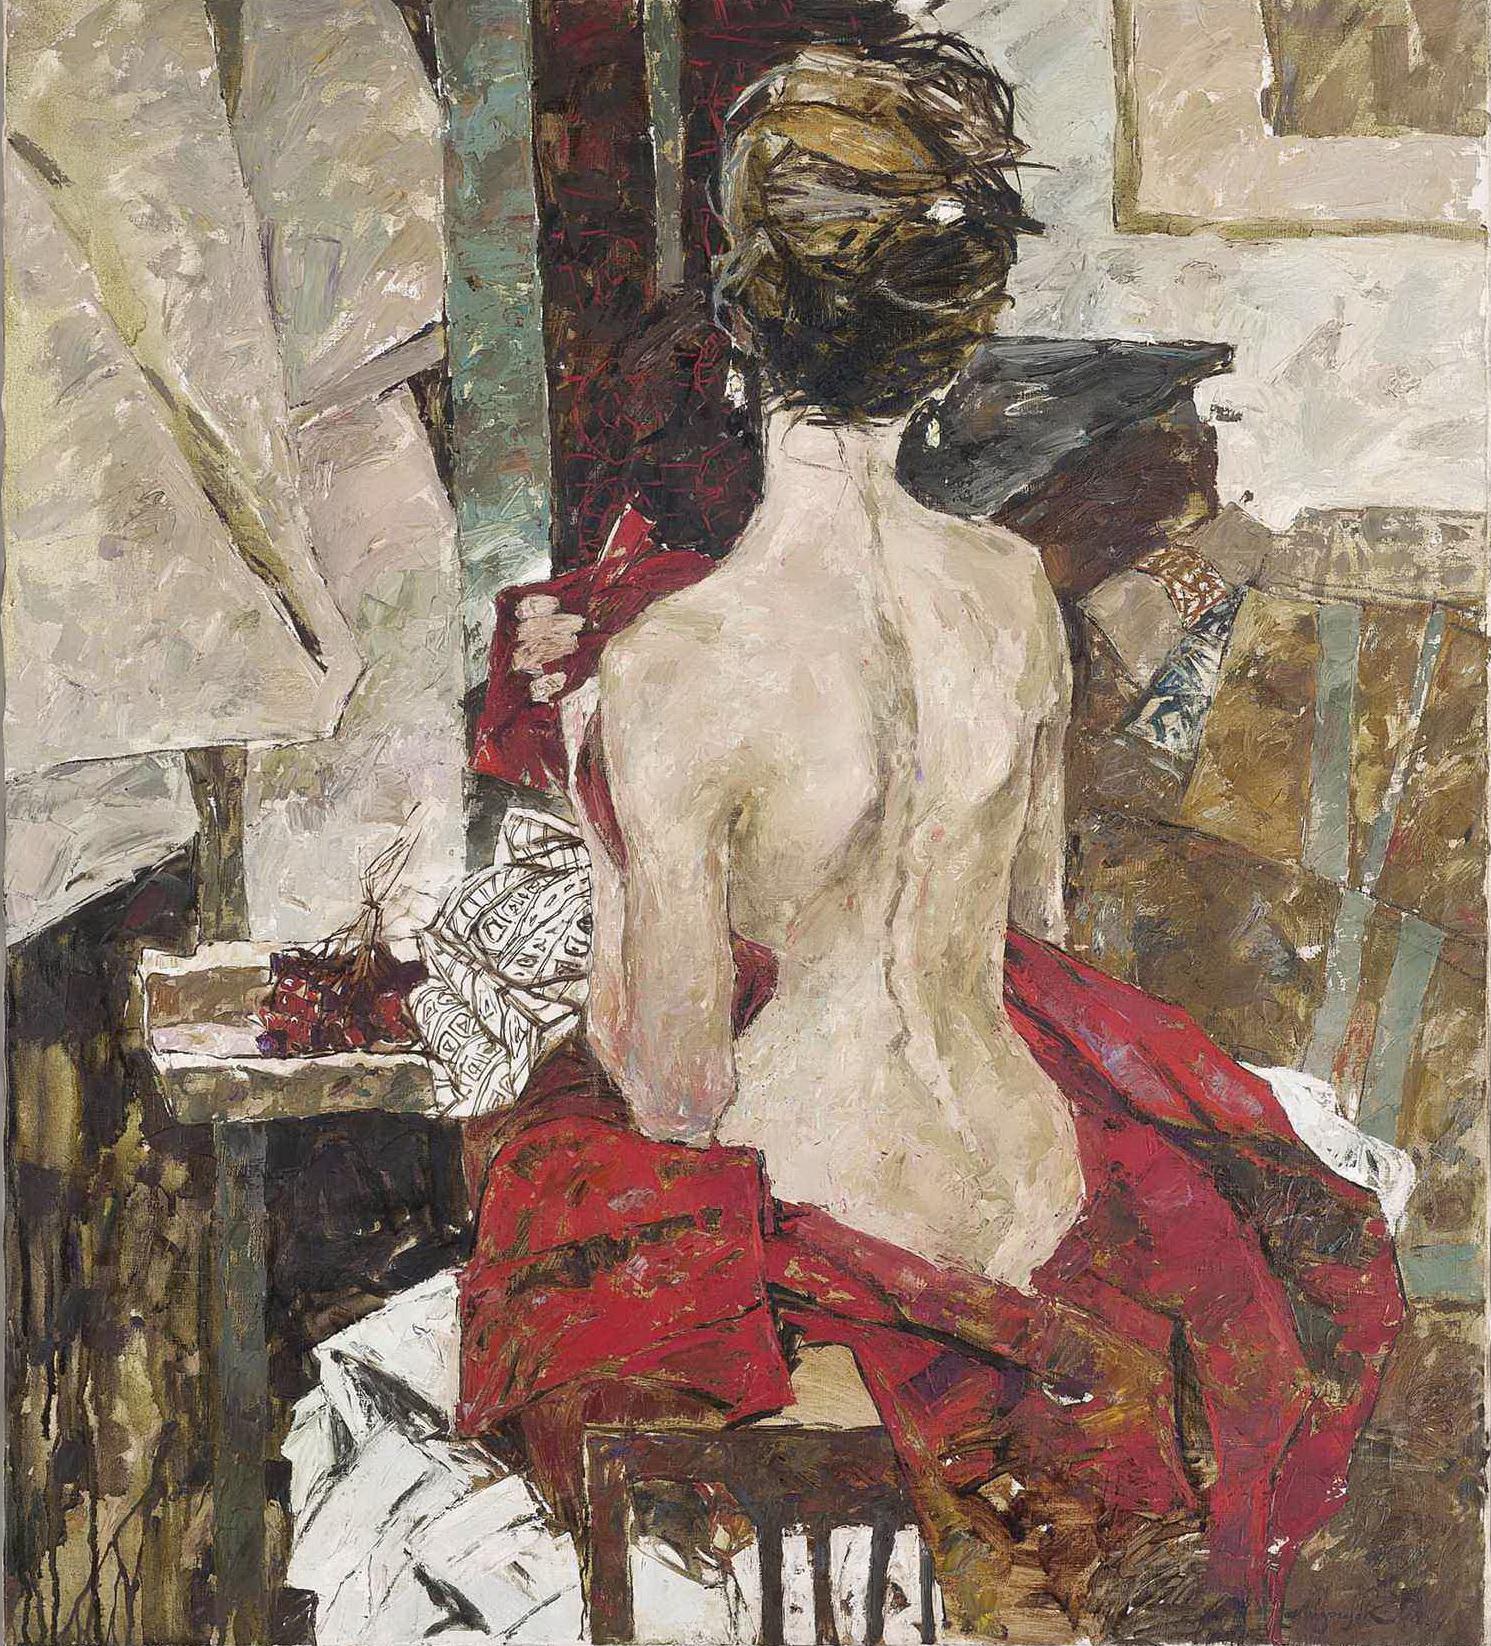 Konstantin Lizogub, род в 1985. В студии. 87 x 76.5 см. Частная коллекция